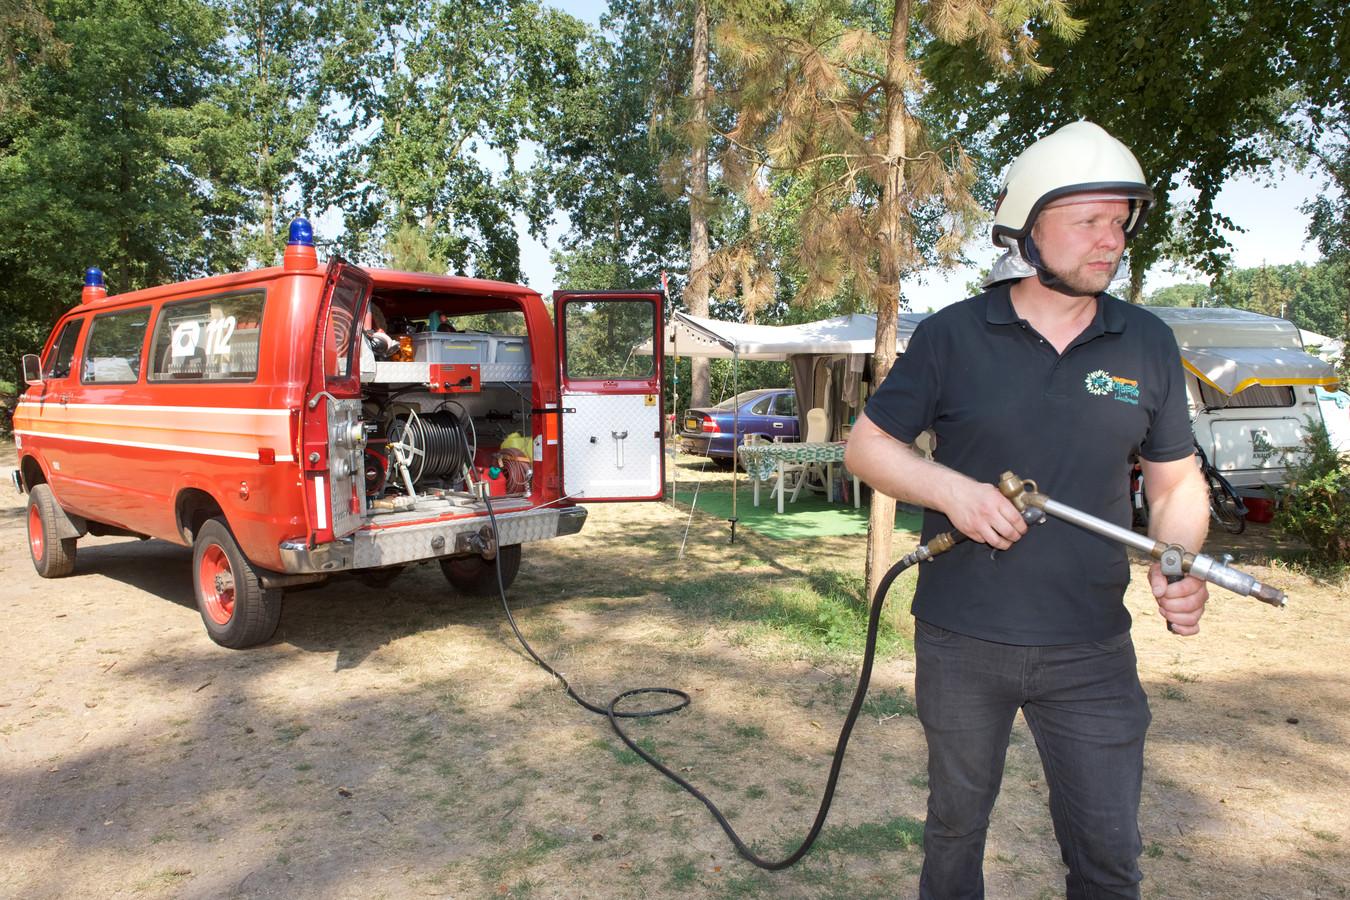 Camping De Jutberg in Laag-Soeren heeft drie weken de beschikking over een brandweerauto.